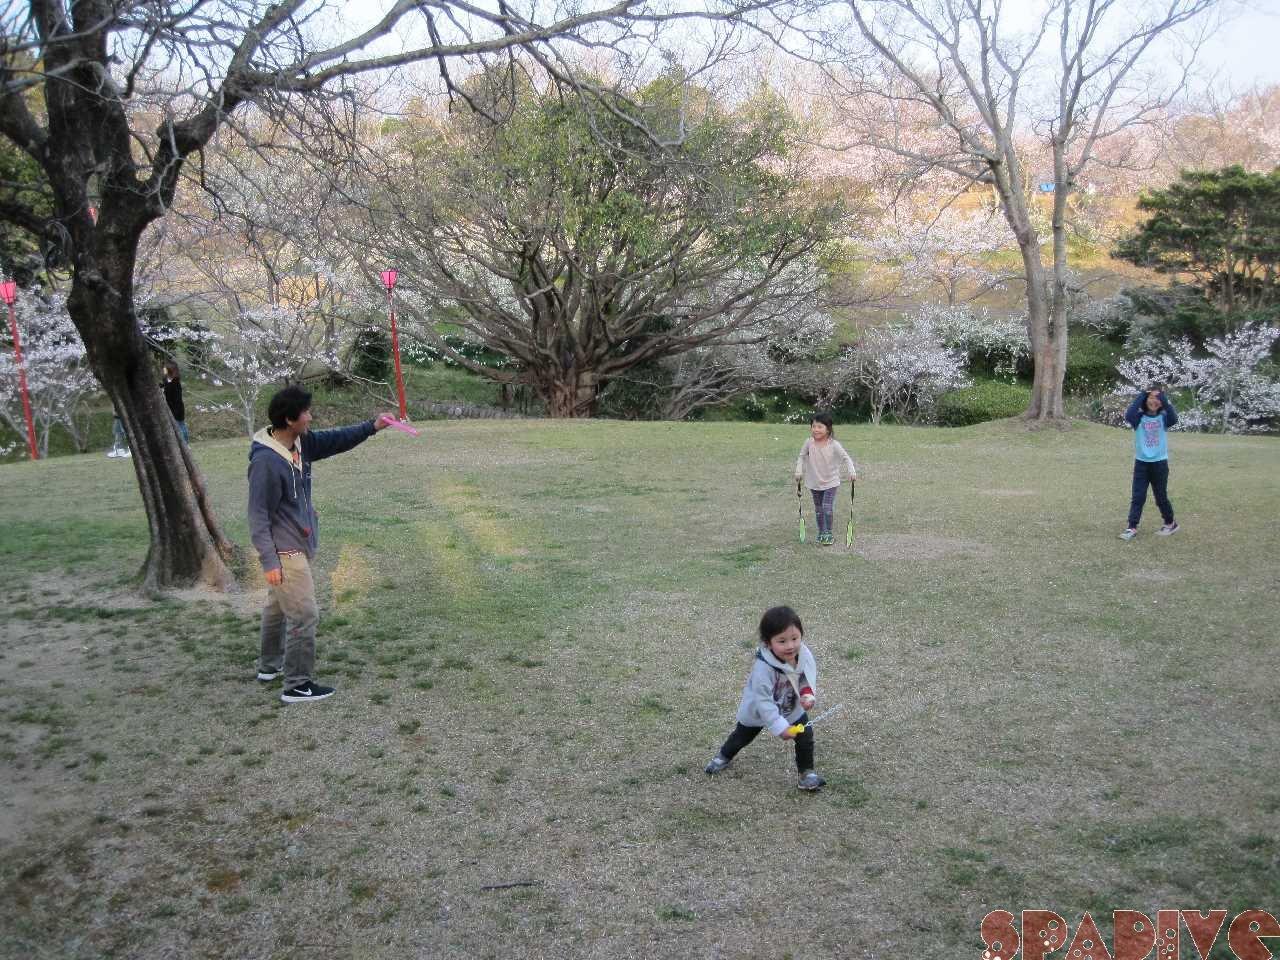 お花見 子ども達と平草原公園の桜を観に!3/25/2018